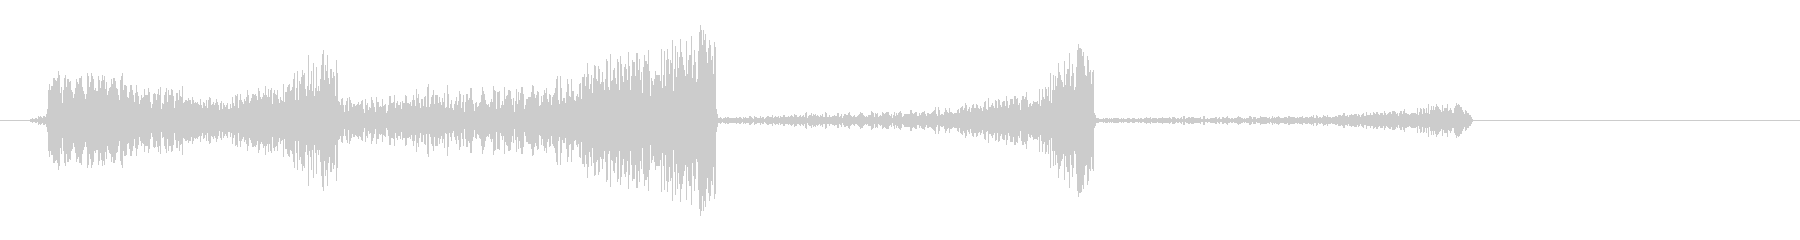 シューーン (SF系の発射音)の未再生の波形